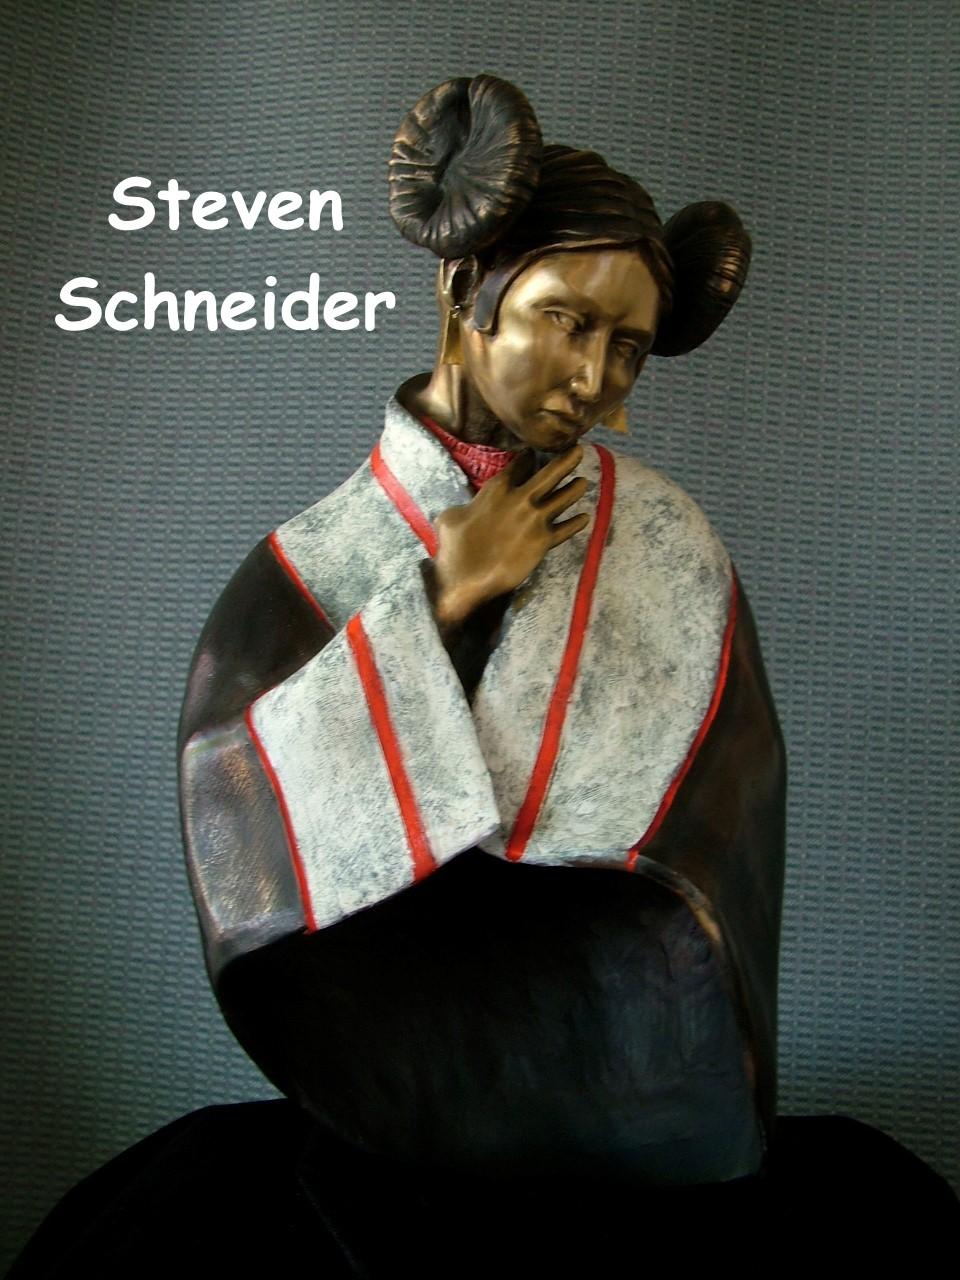 SteveSchneider.jpg